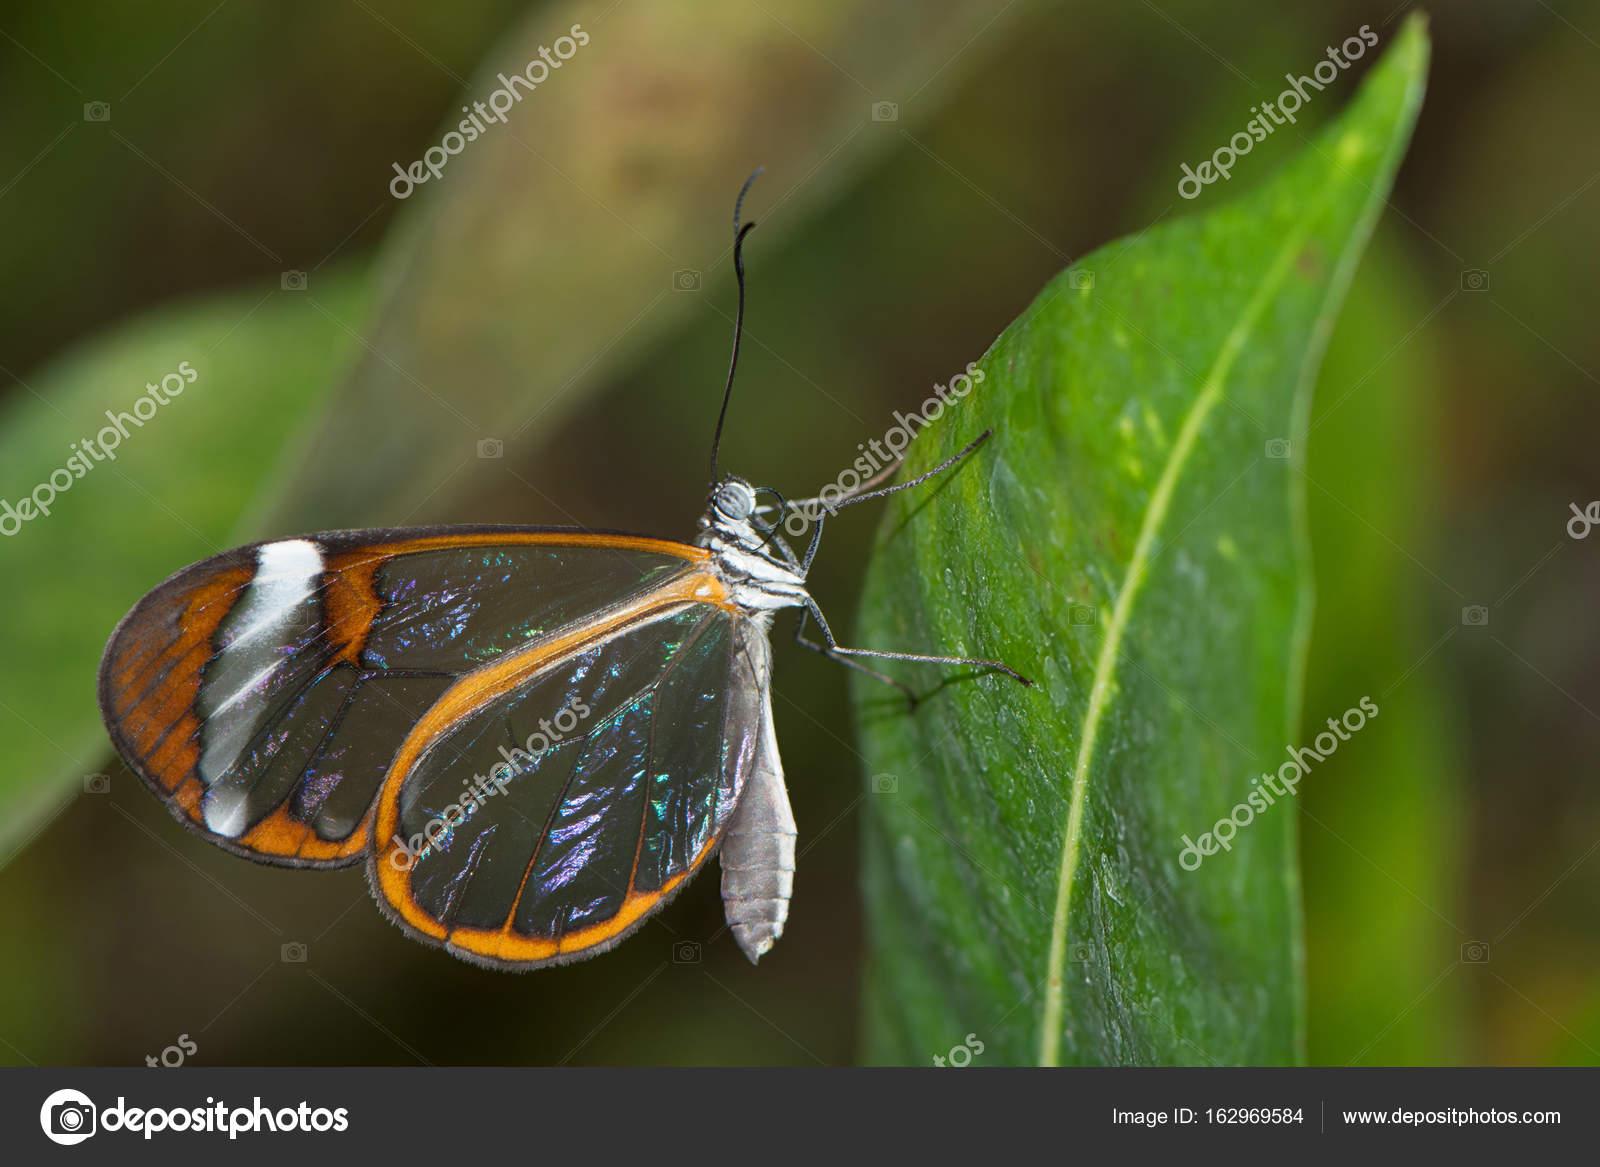 Glasswinged Butterfly On A Leaf Stock Photo Arievdwolde 162969584